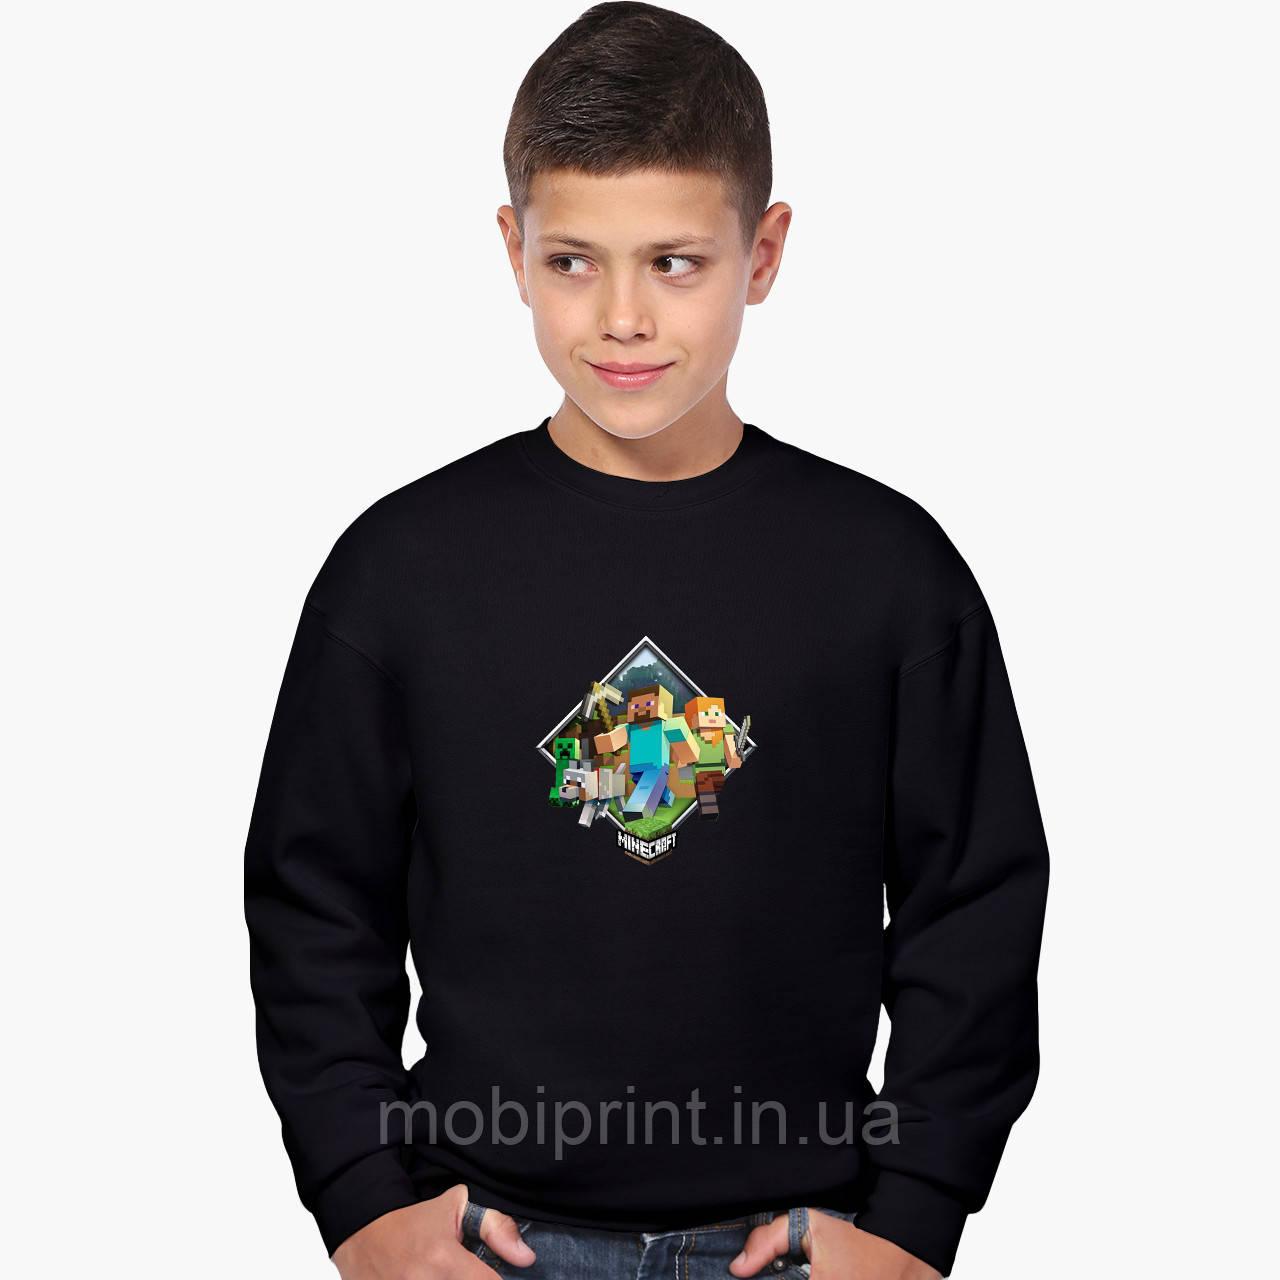 Світшот для хлопчика Майнкрафт (Minecraft) (9509-1175) Чорний